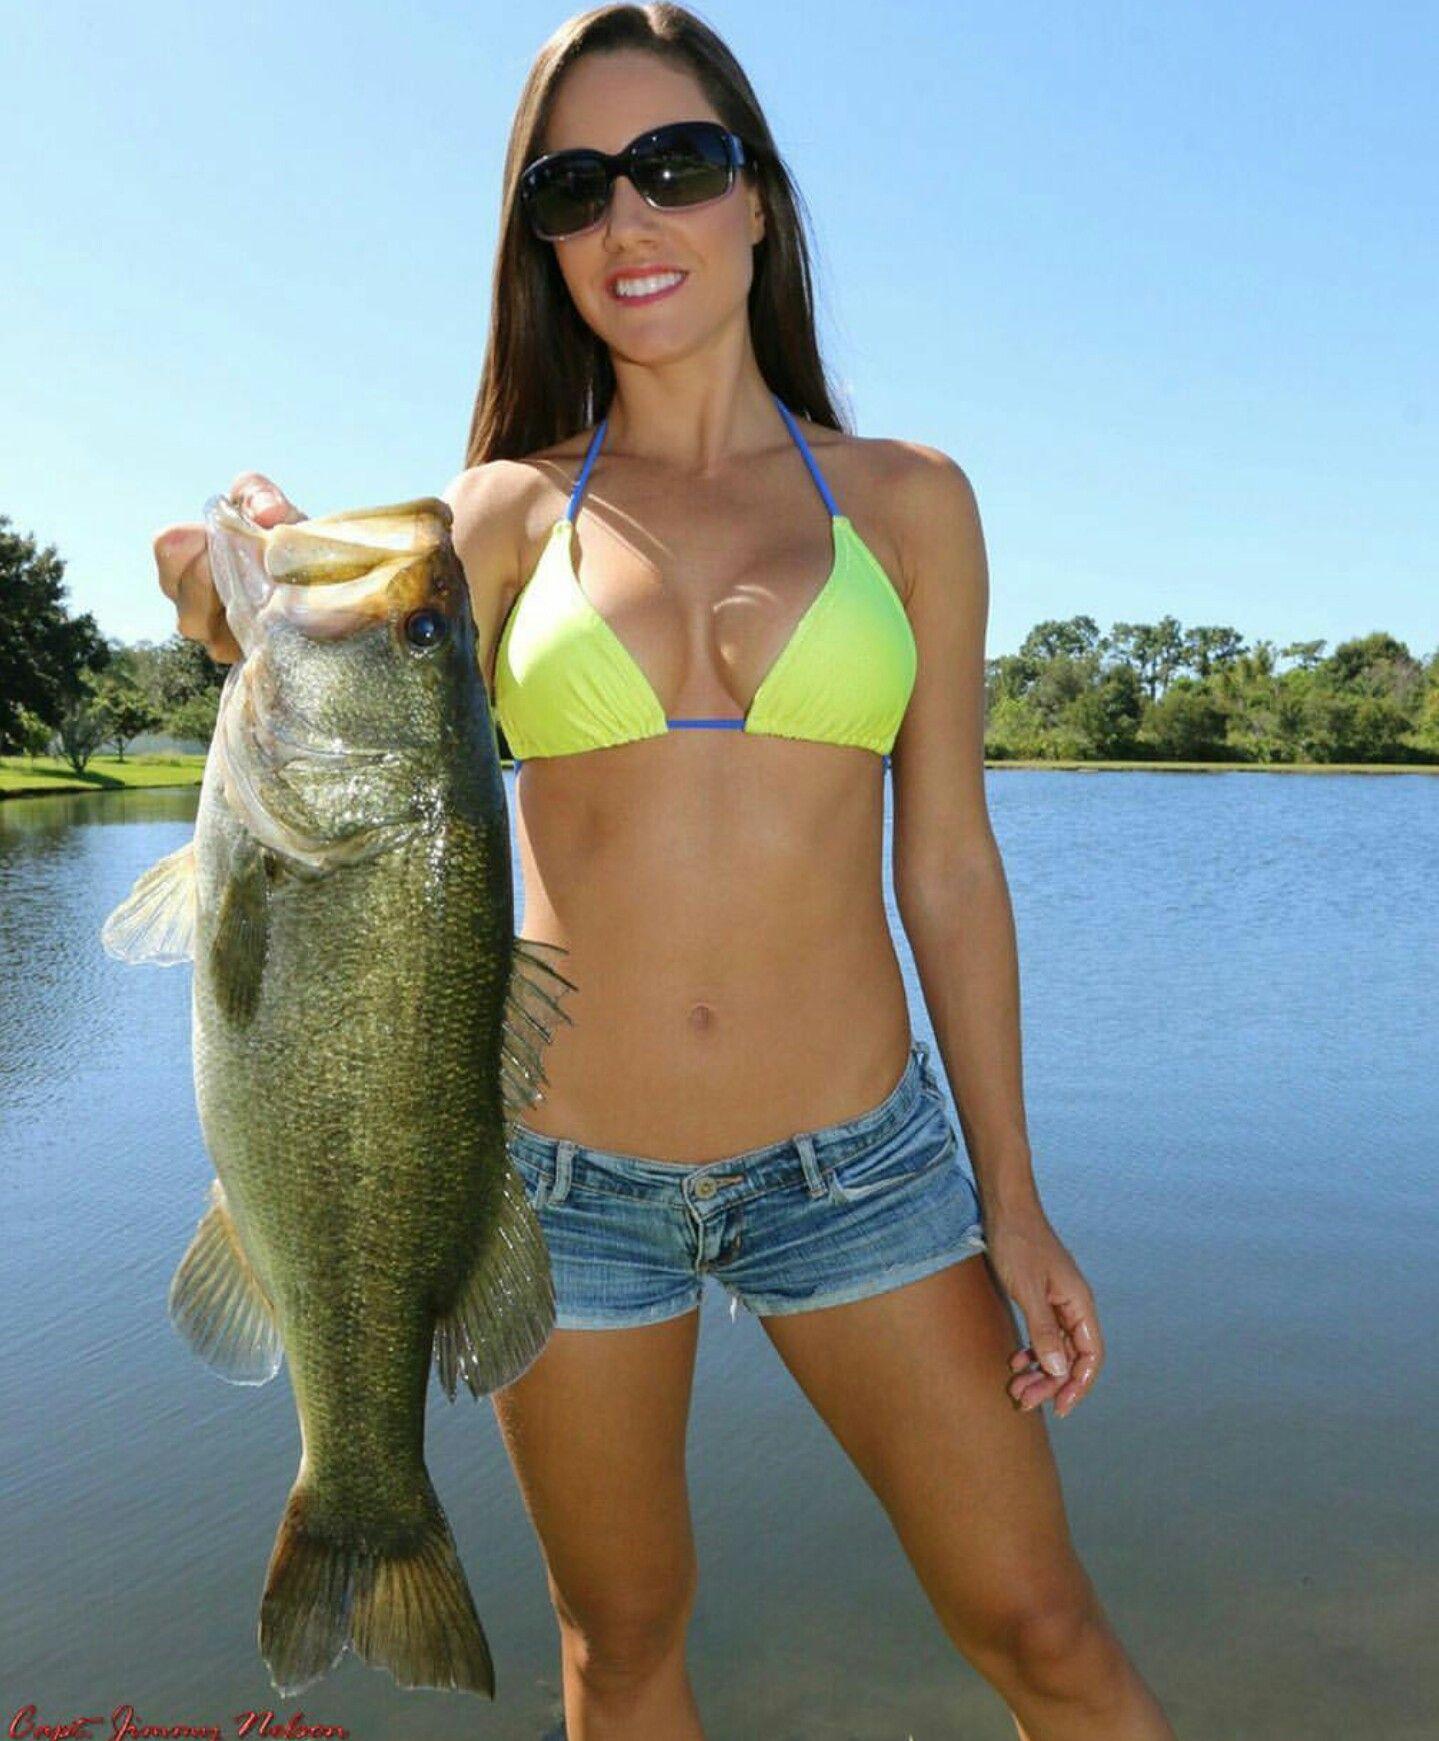 Bass fishing bikini bassfishing basspro bass for Women fishing in bikinis